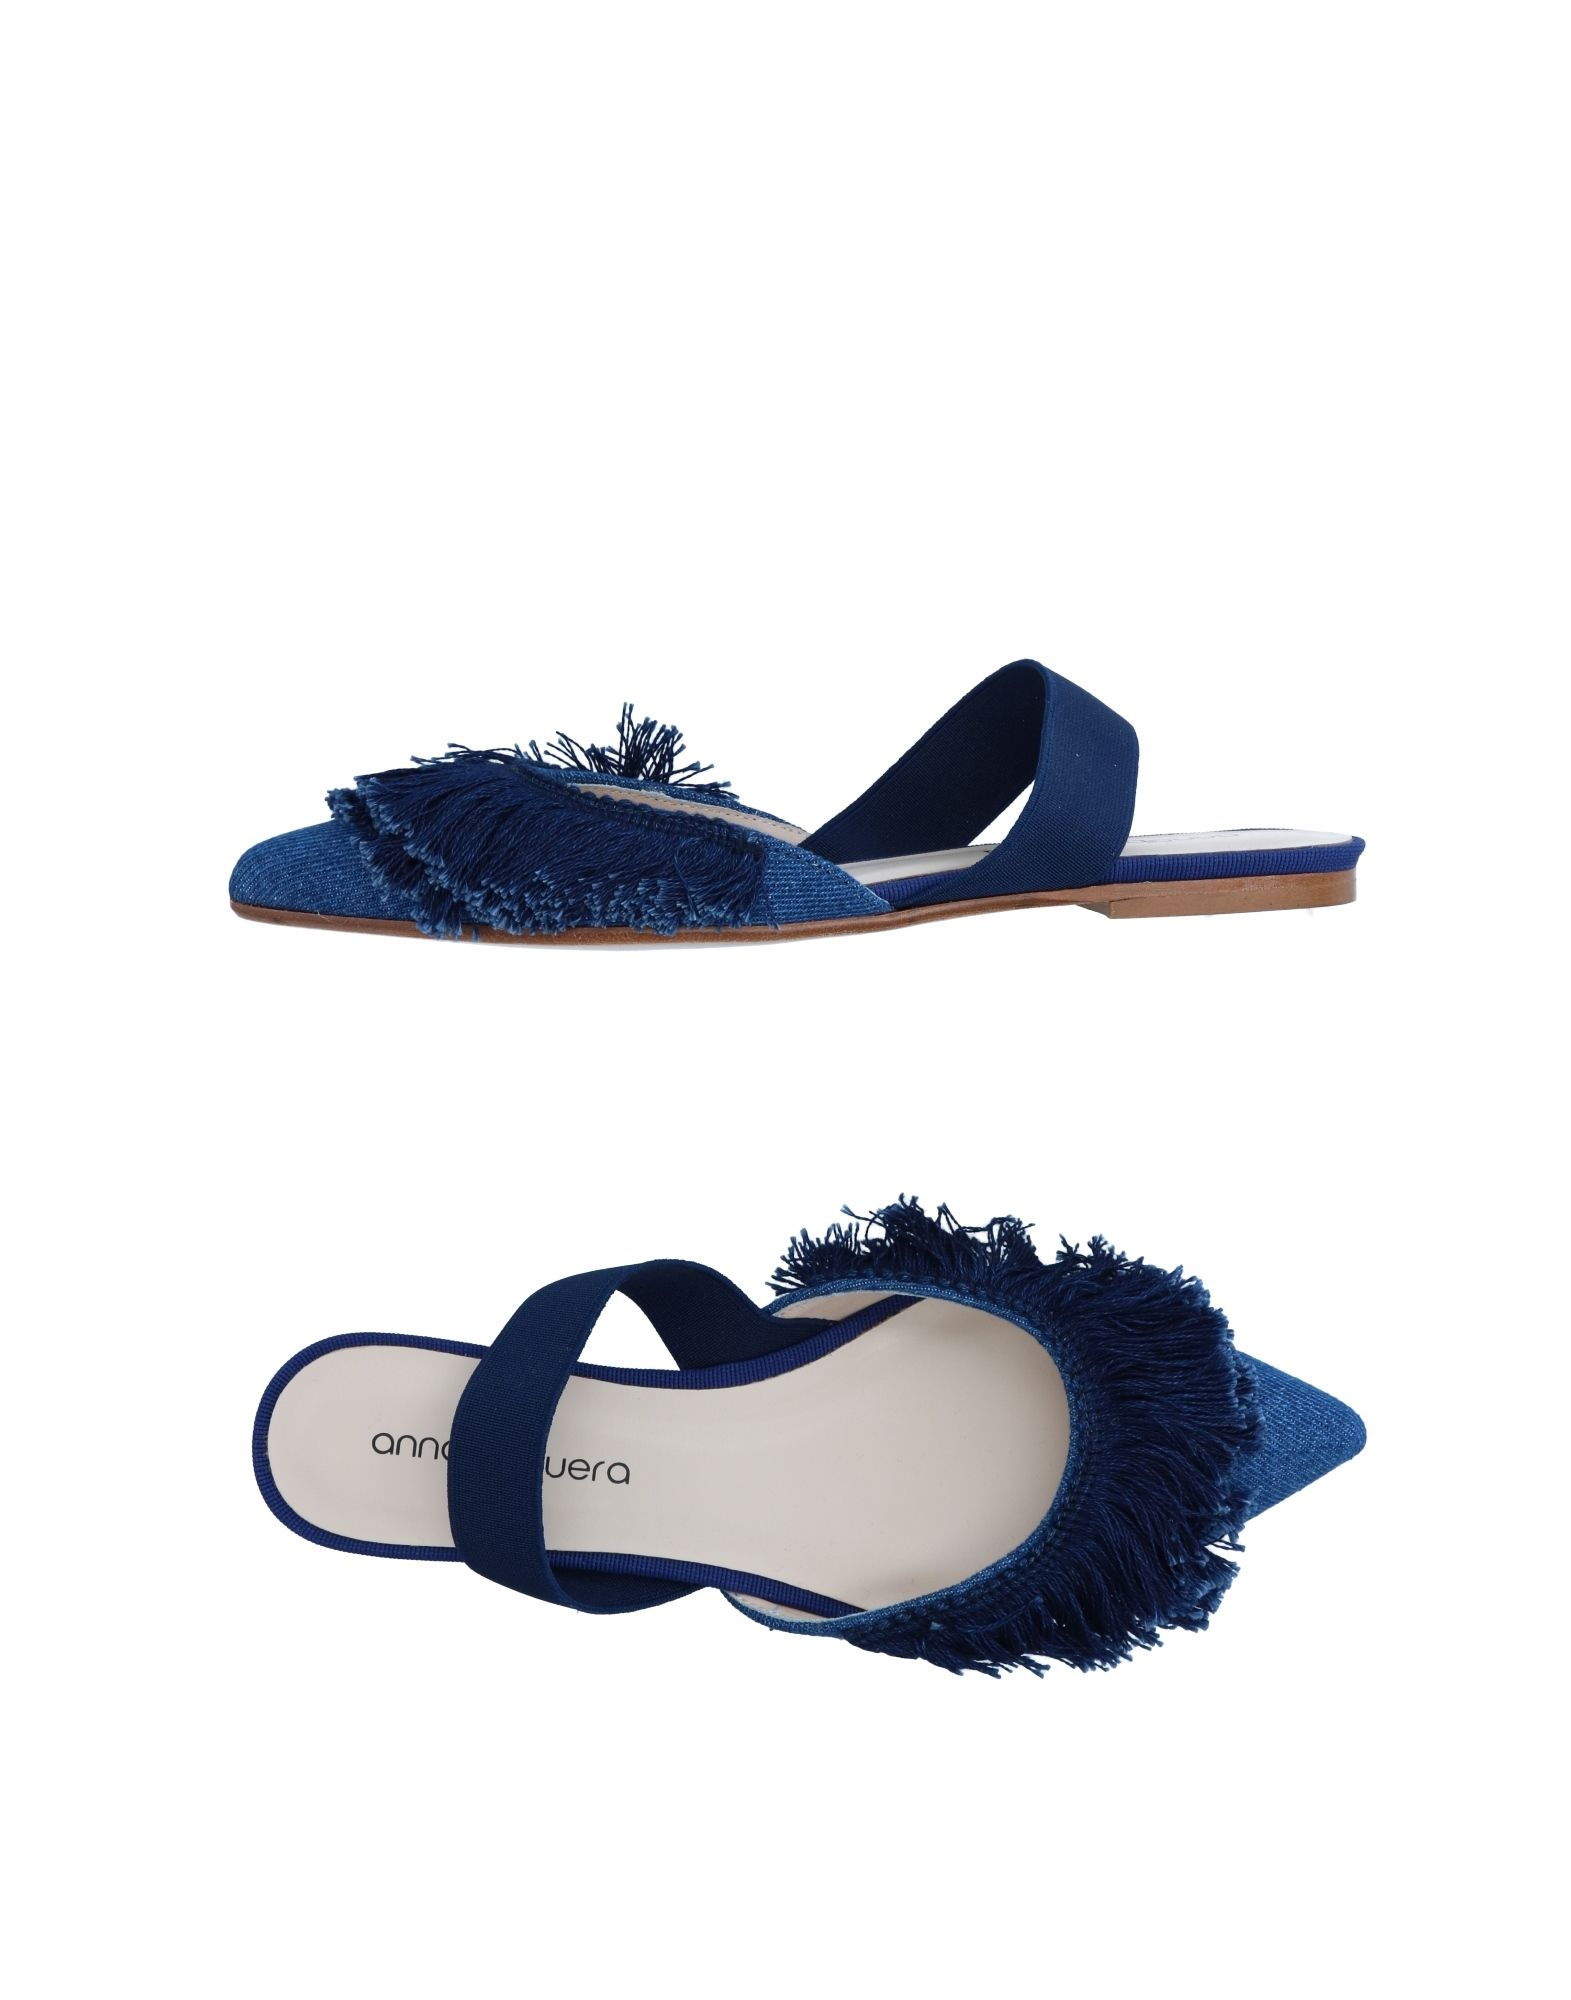 《送料無料》ANNA BAIGUERA レディース バレエシューズ ダークブルー 37 紡績繊維